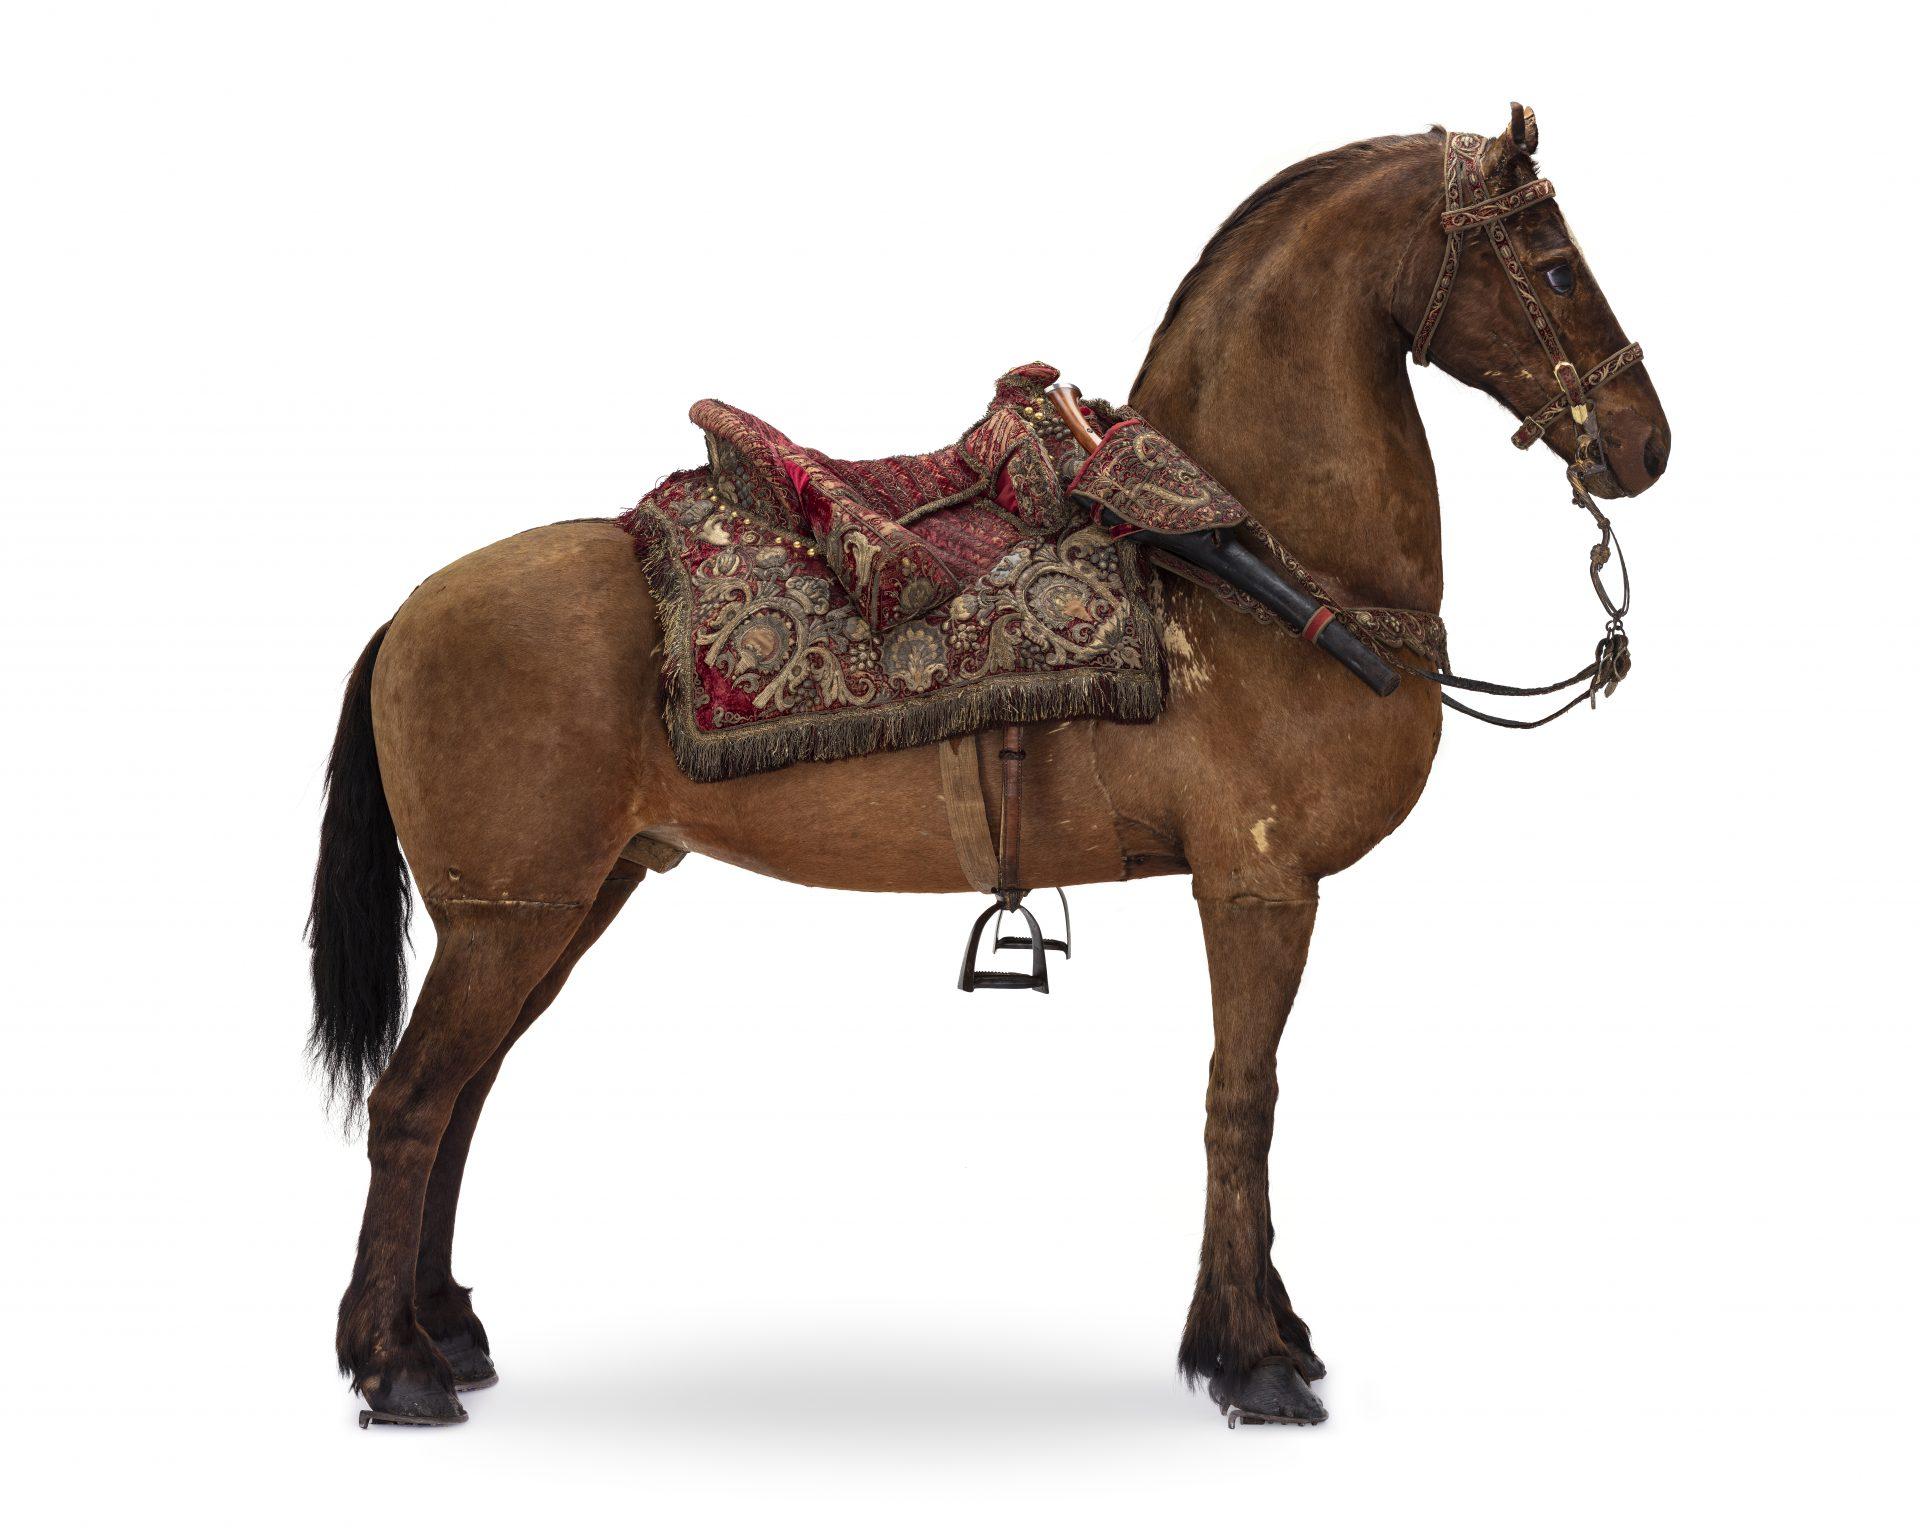 Häst i profil med sadel och betsel.